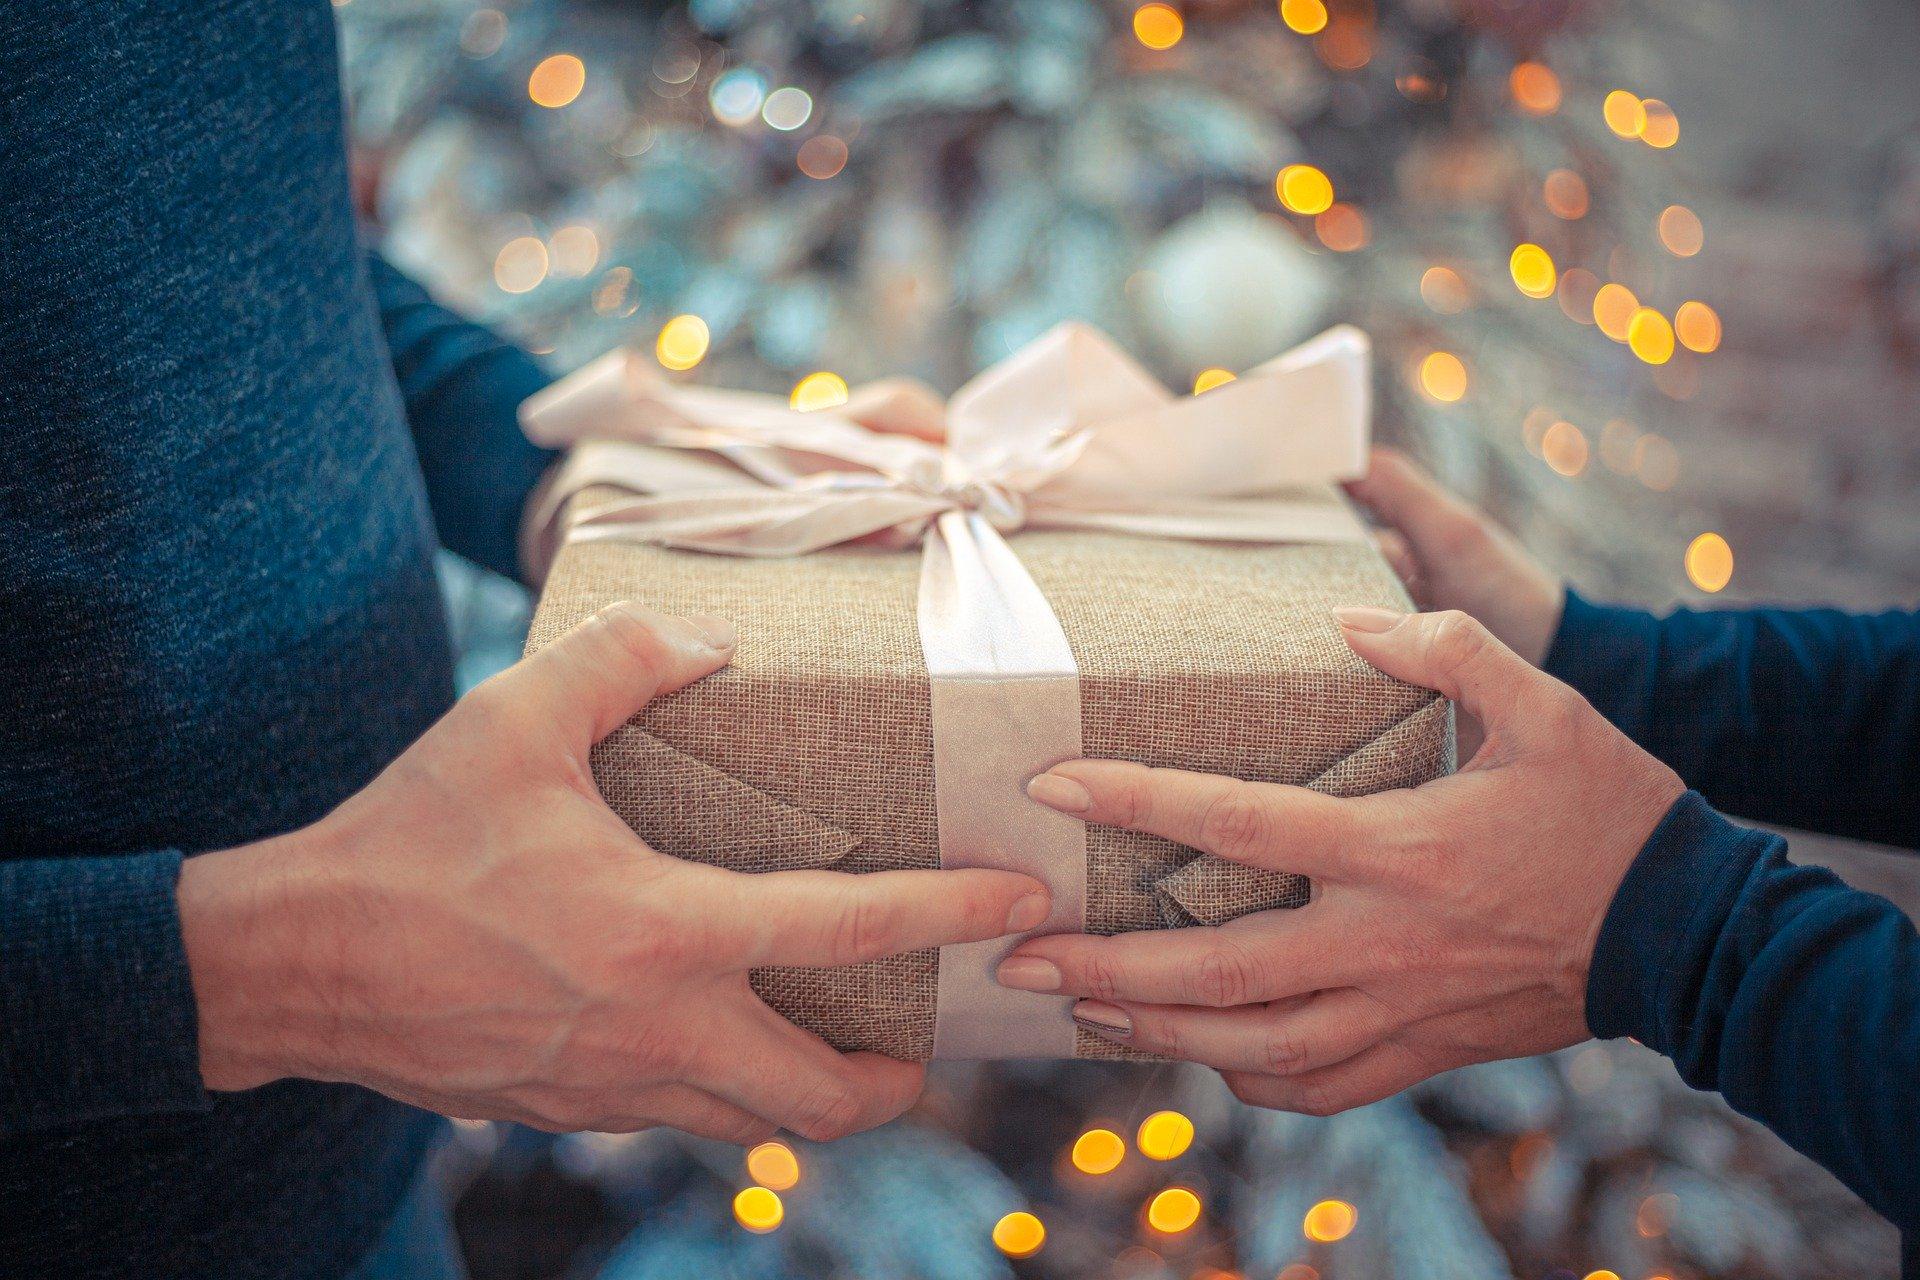 Dos manos cogiendo un regalo